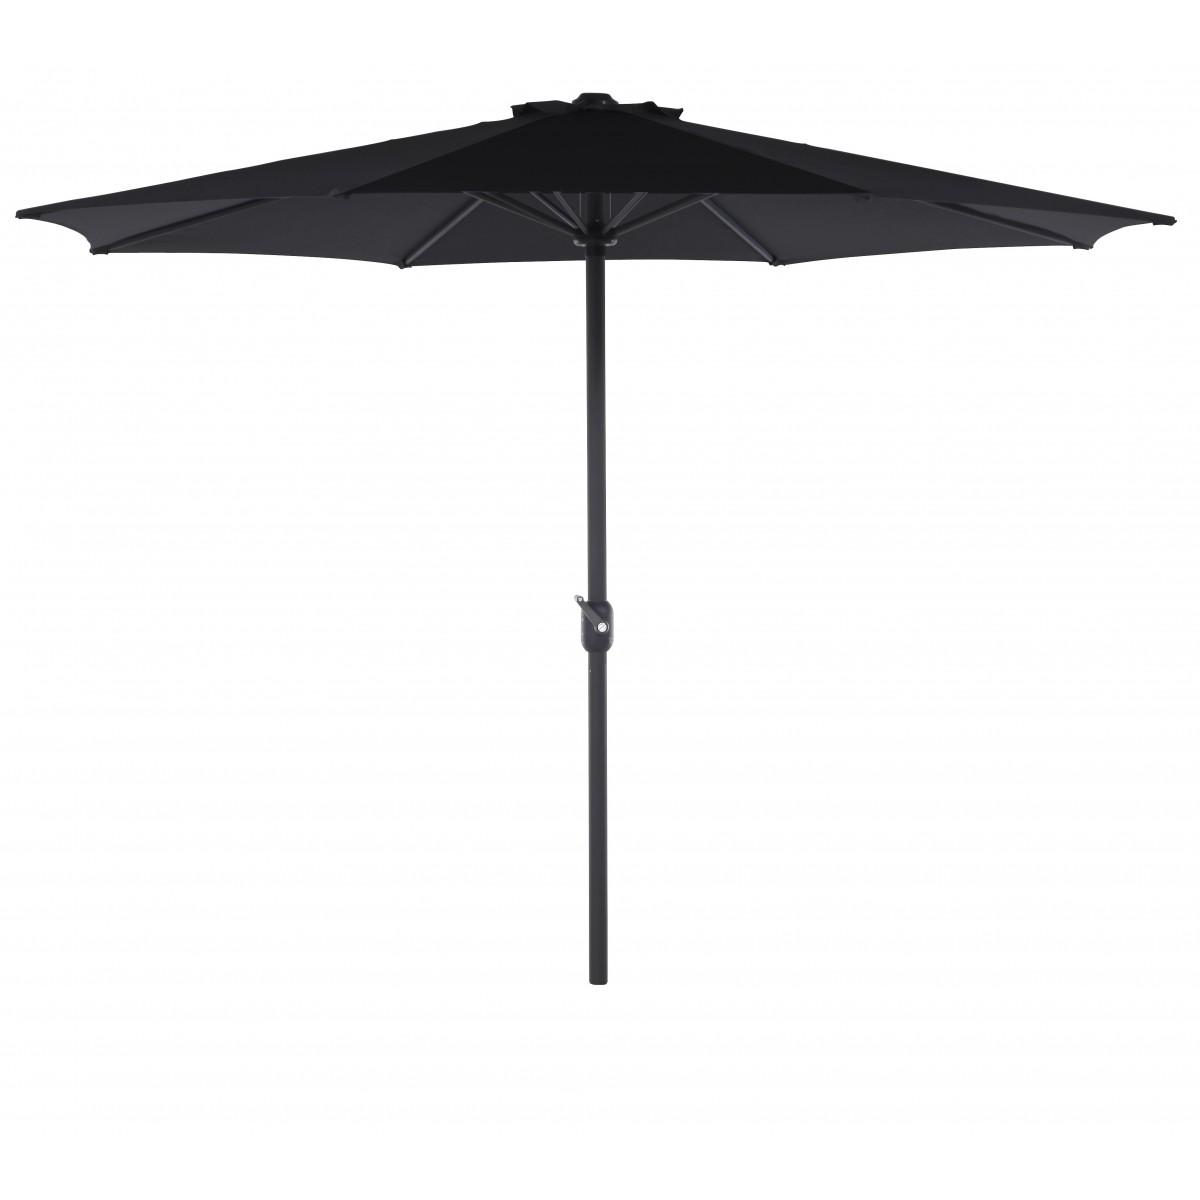 OUTFIT Alu -parasol Ø 3 m - sort